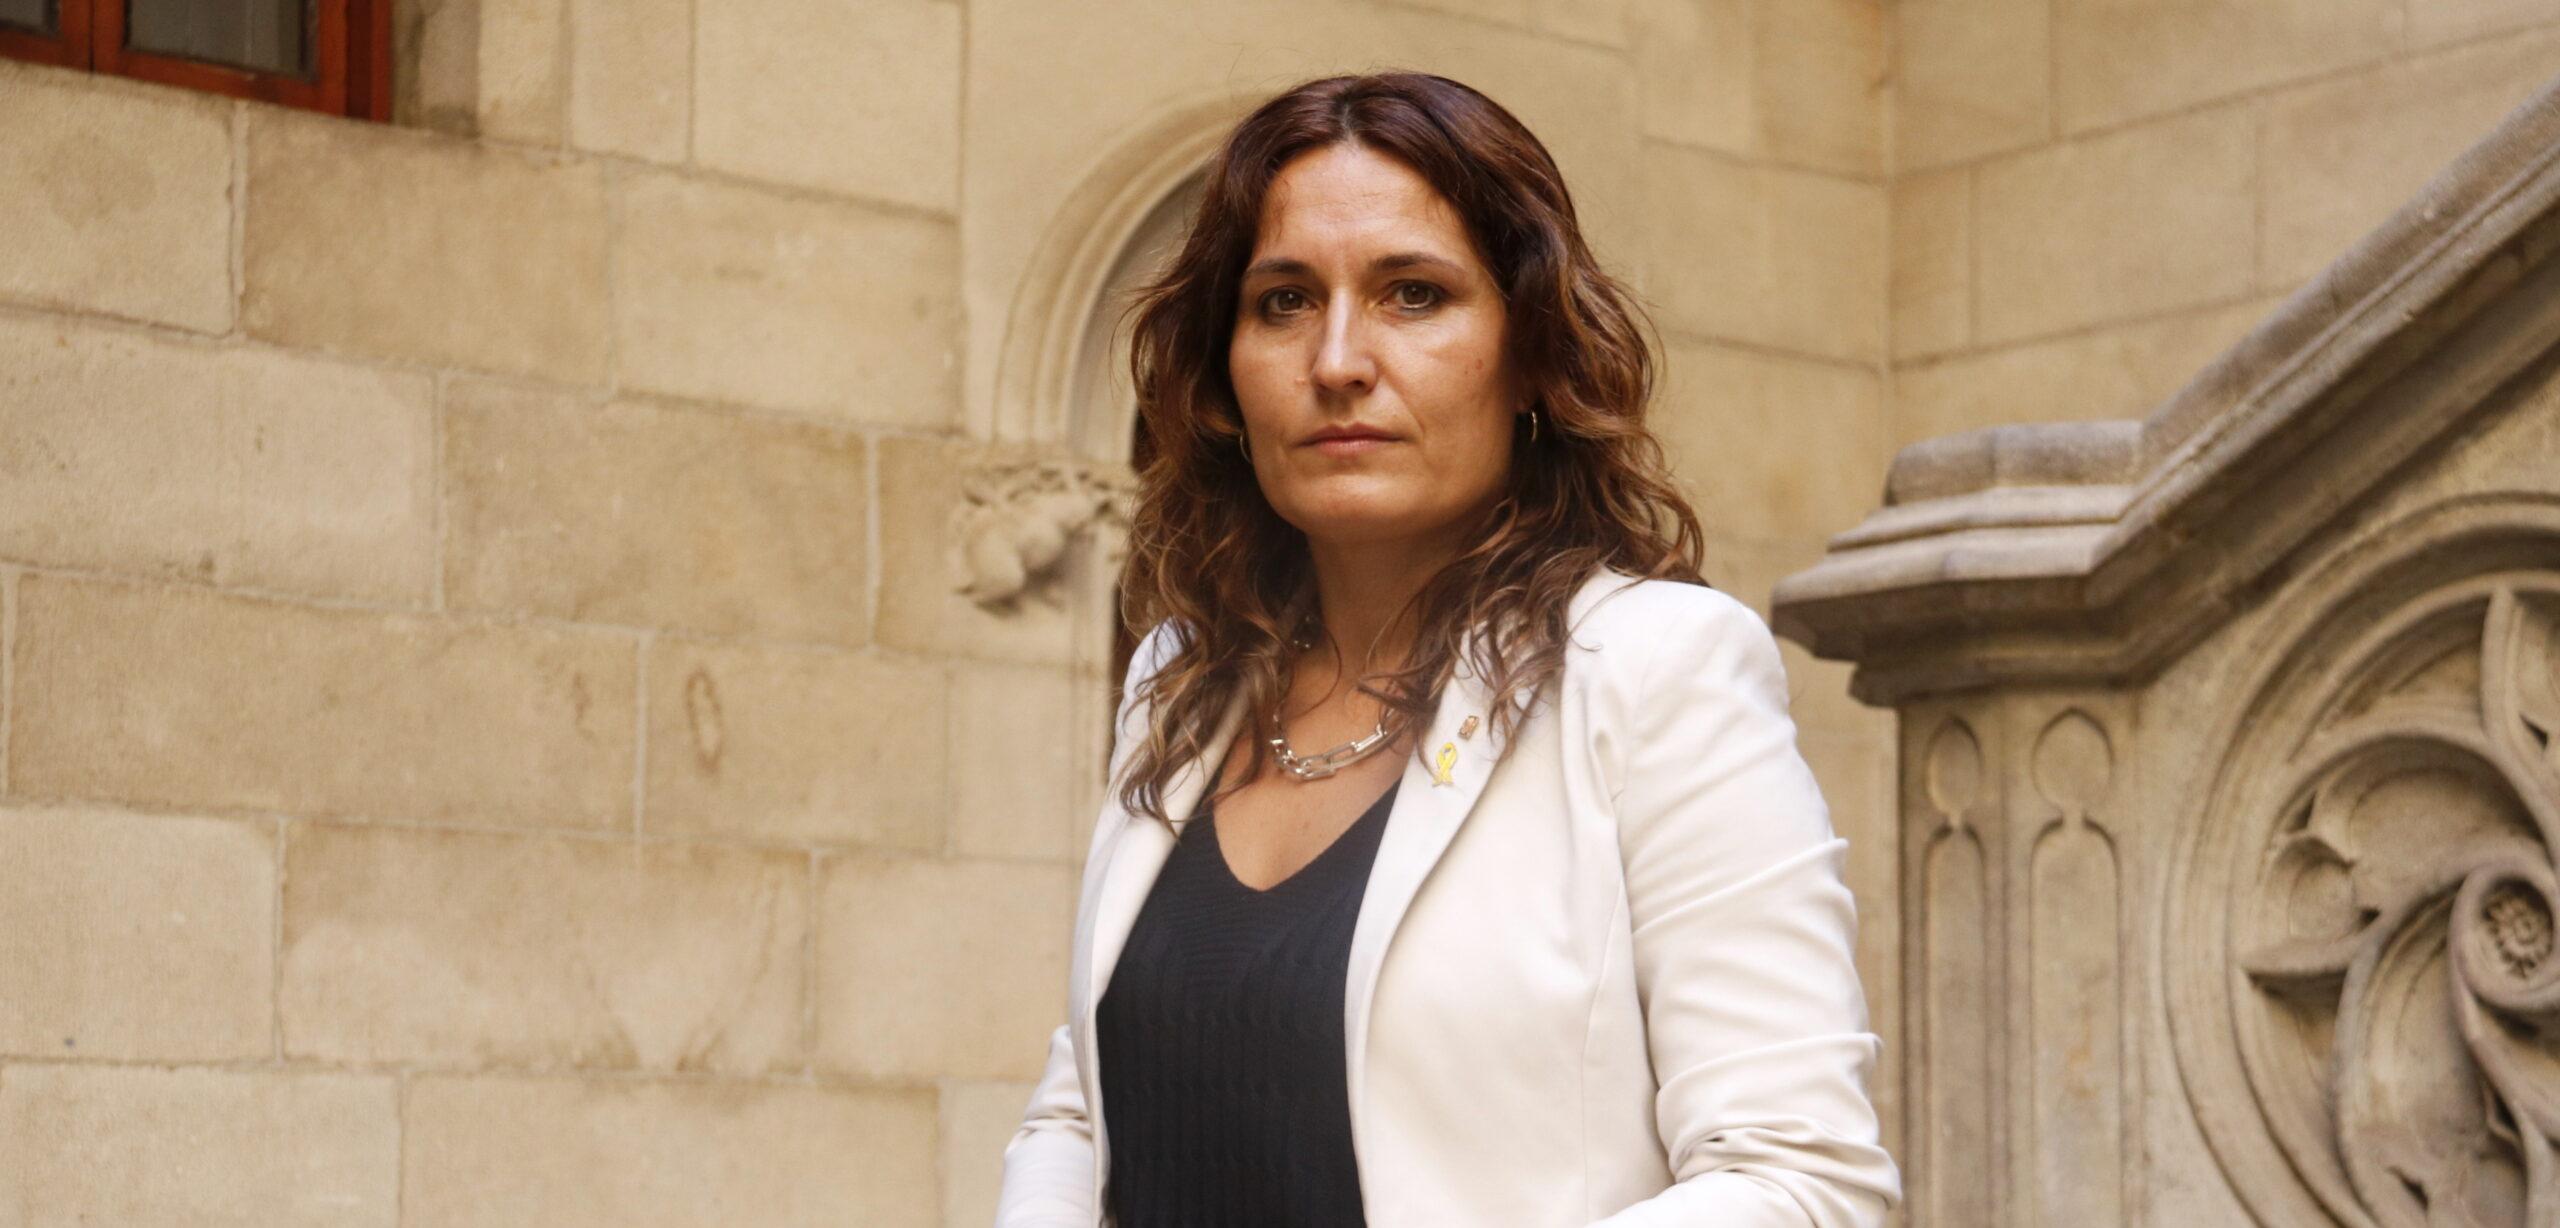 La consellera de Presidència, Laura Vilagrà, el 27 de juliol de 2021 / ACN